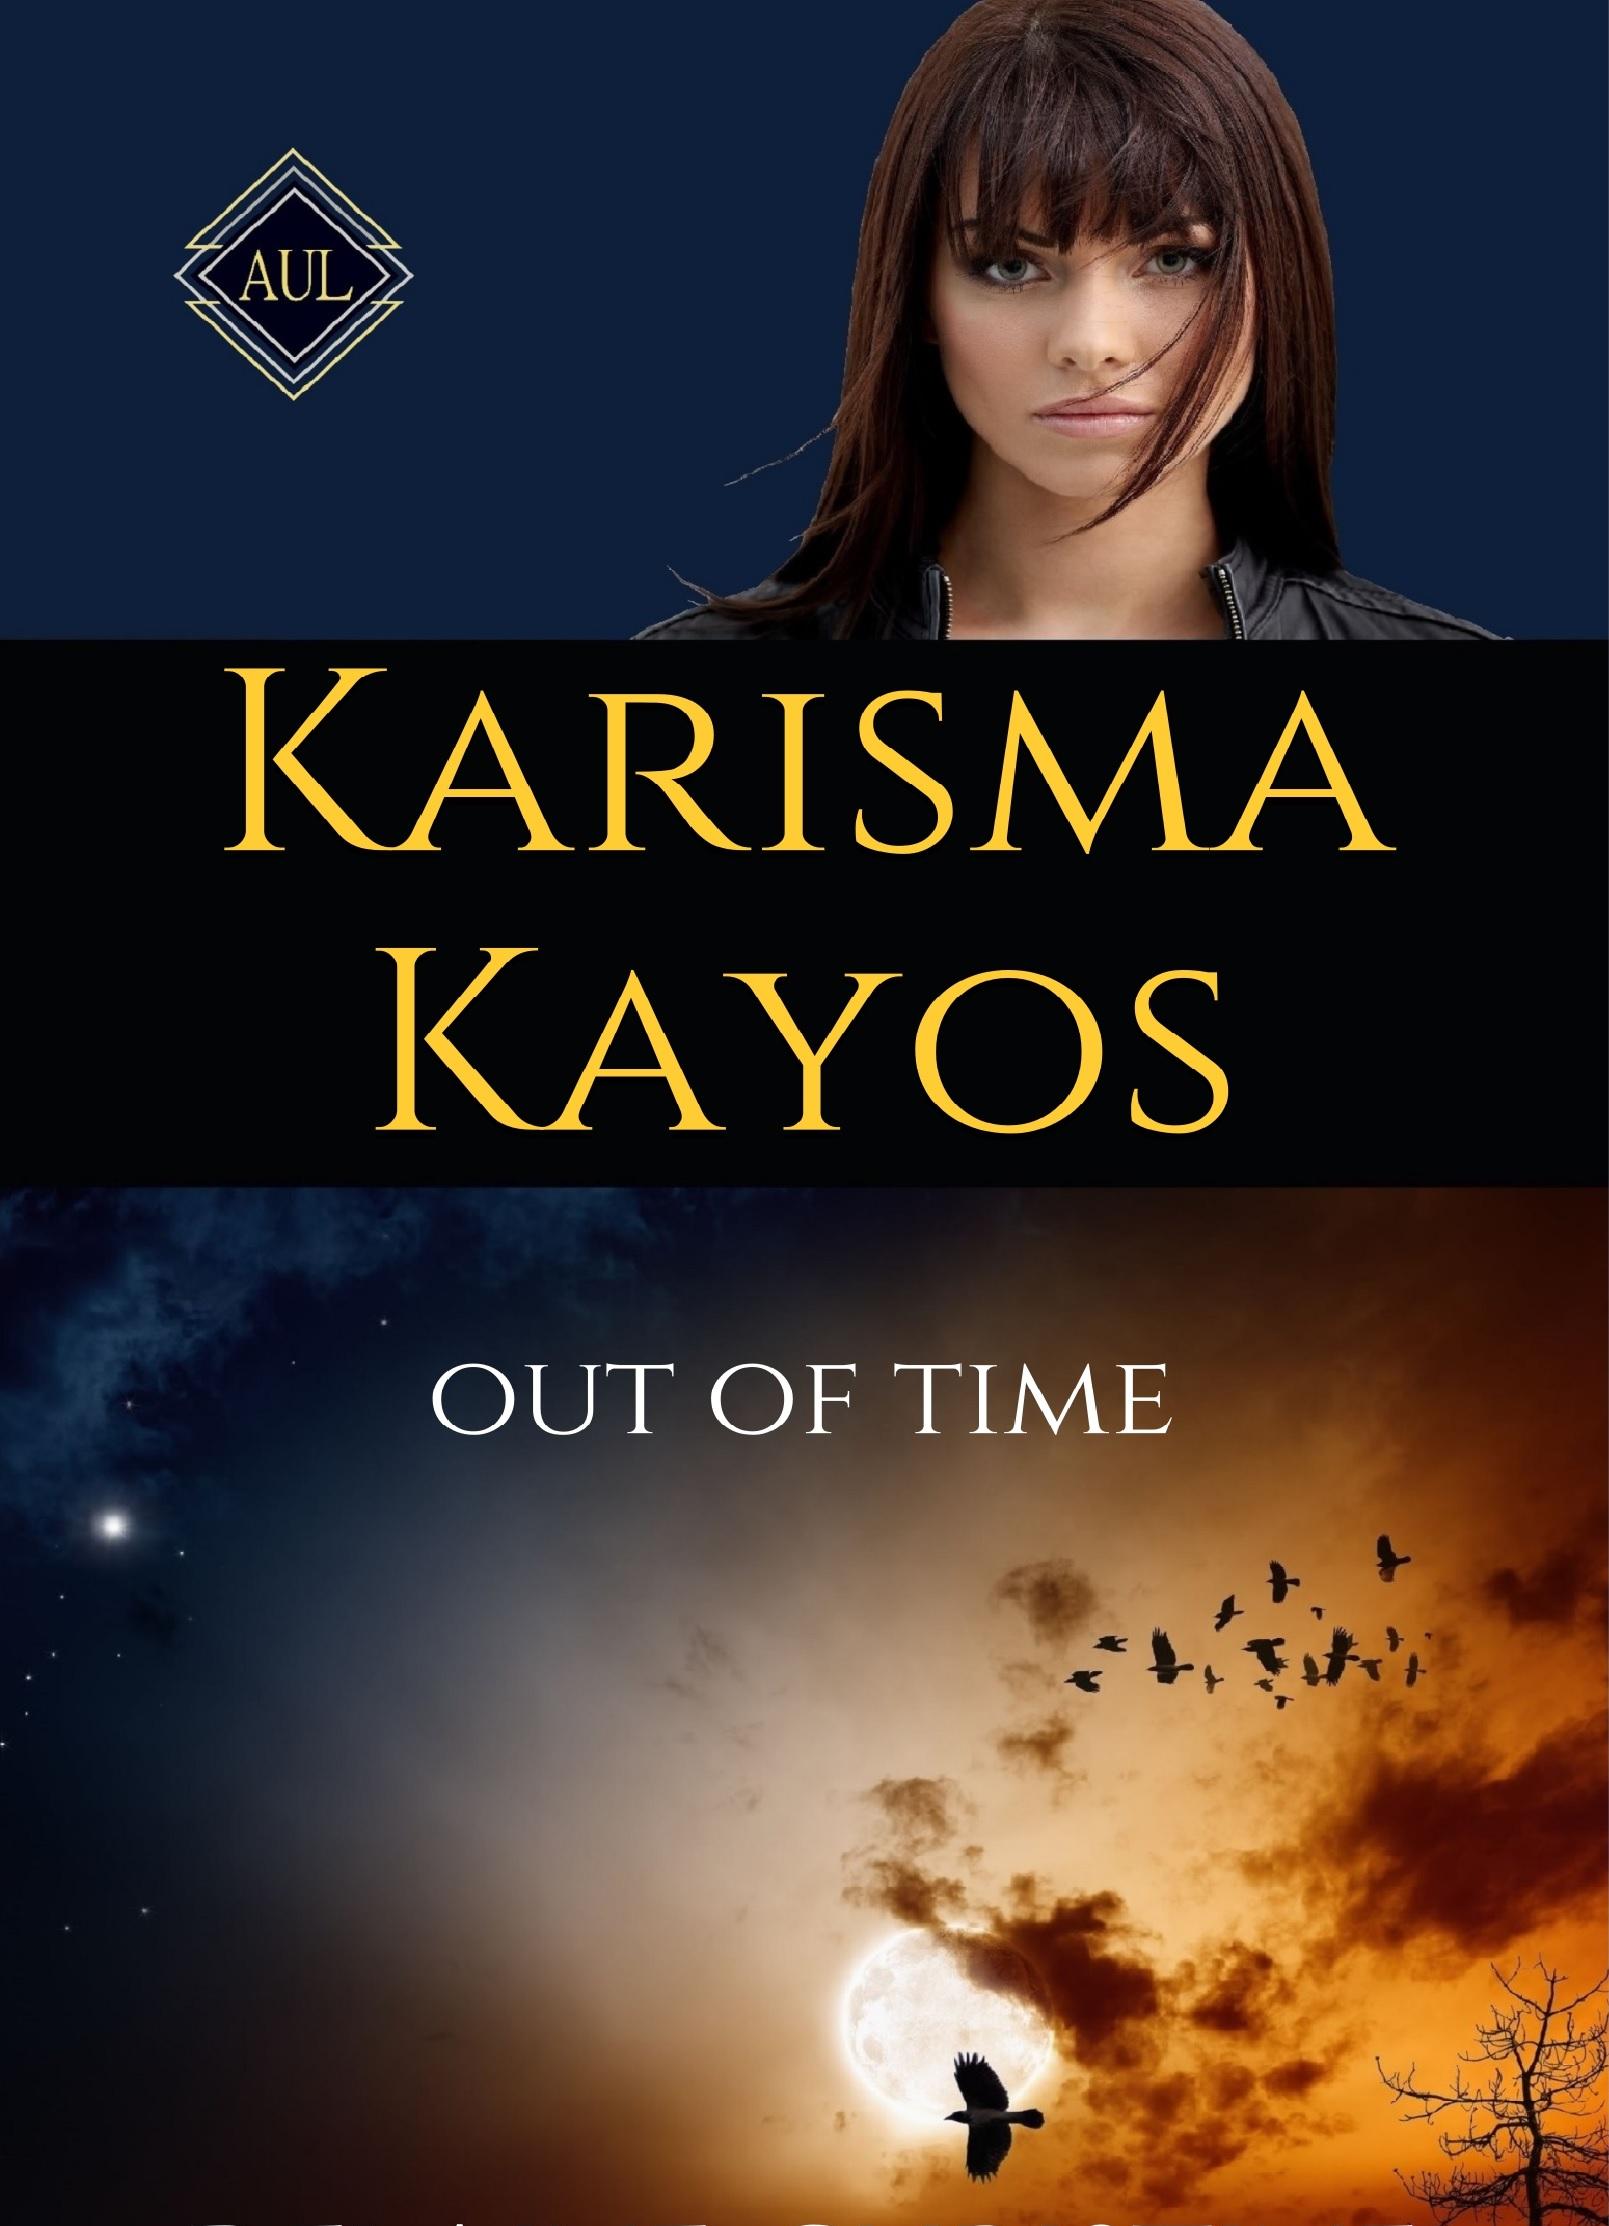 KARISMA KAYOS Out of Time